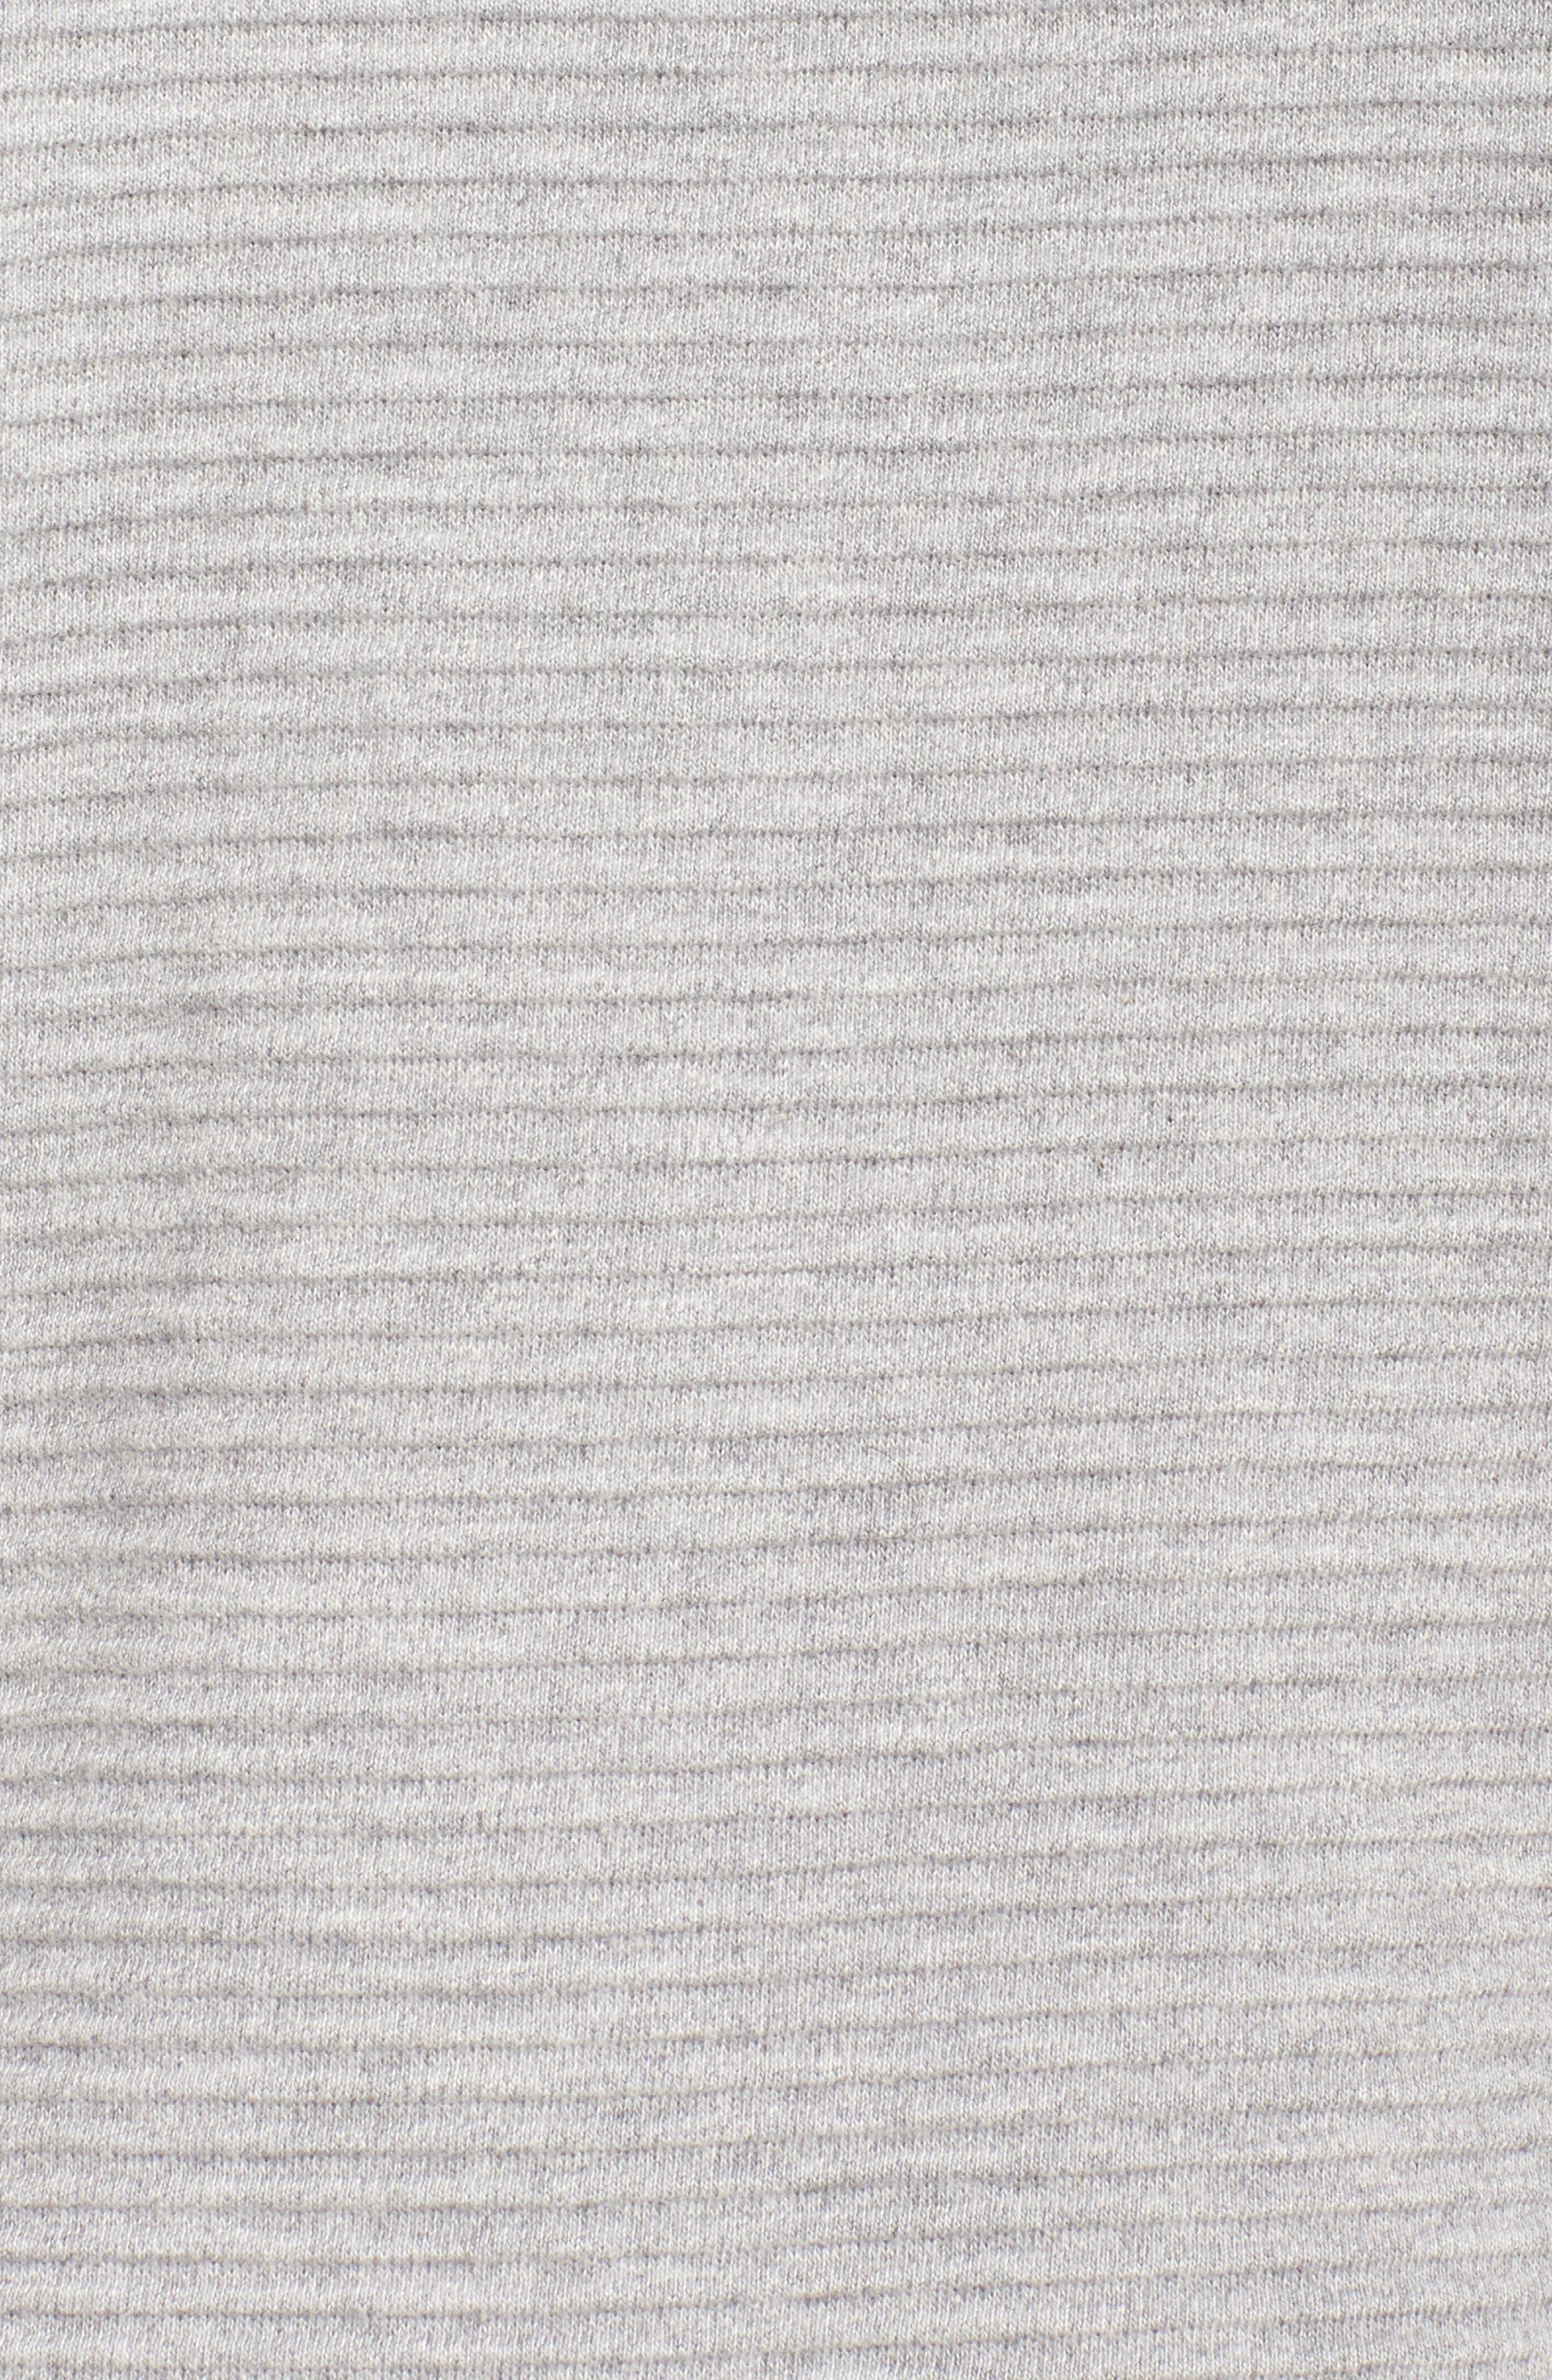 Originals EQT Sweatshirt,                             Alternate thumbnail 6, color,                             Medium Grey Heather